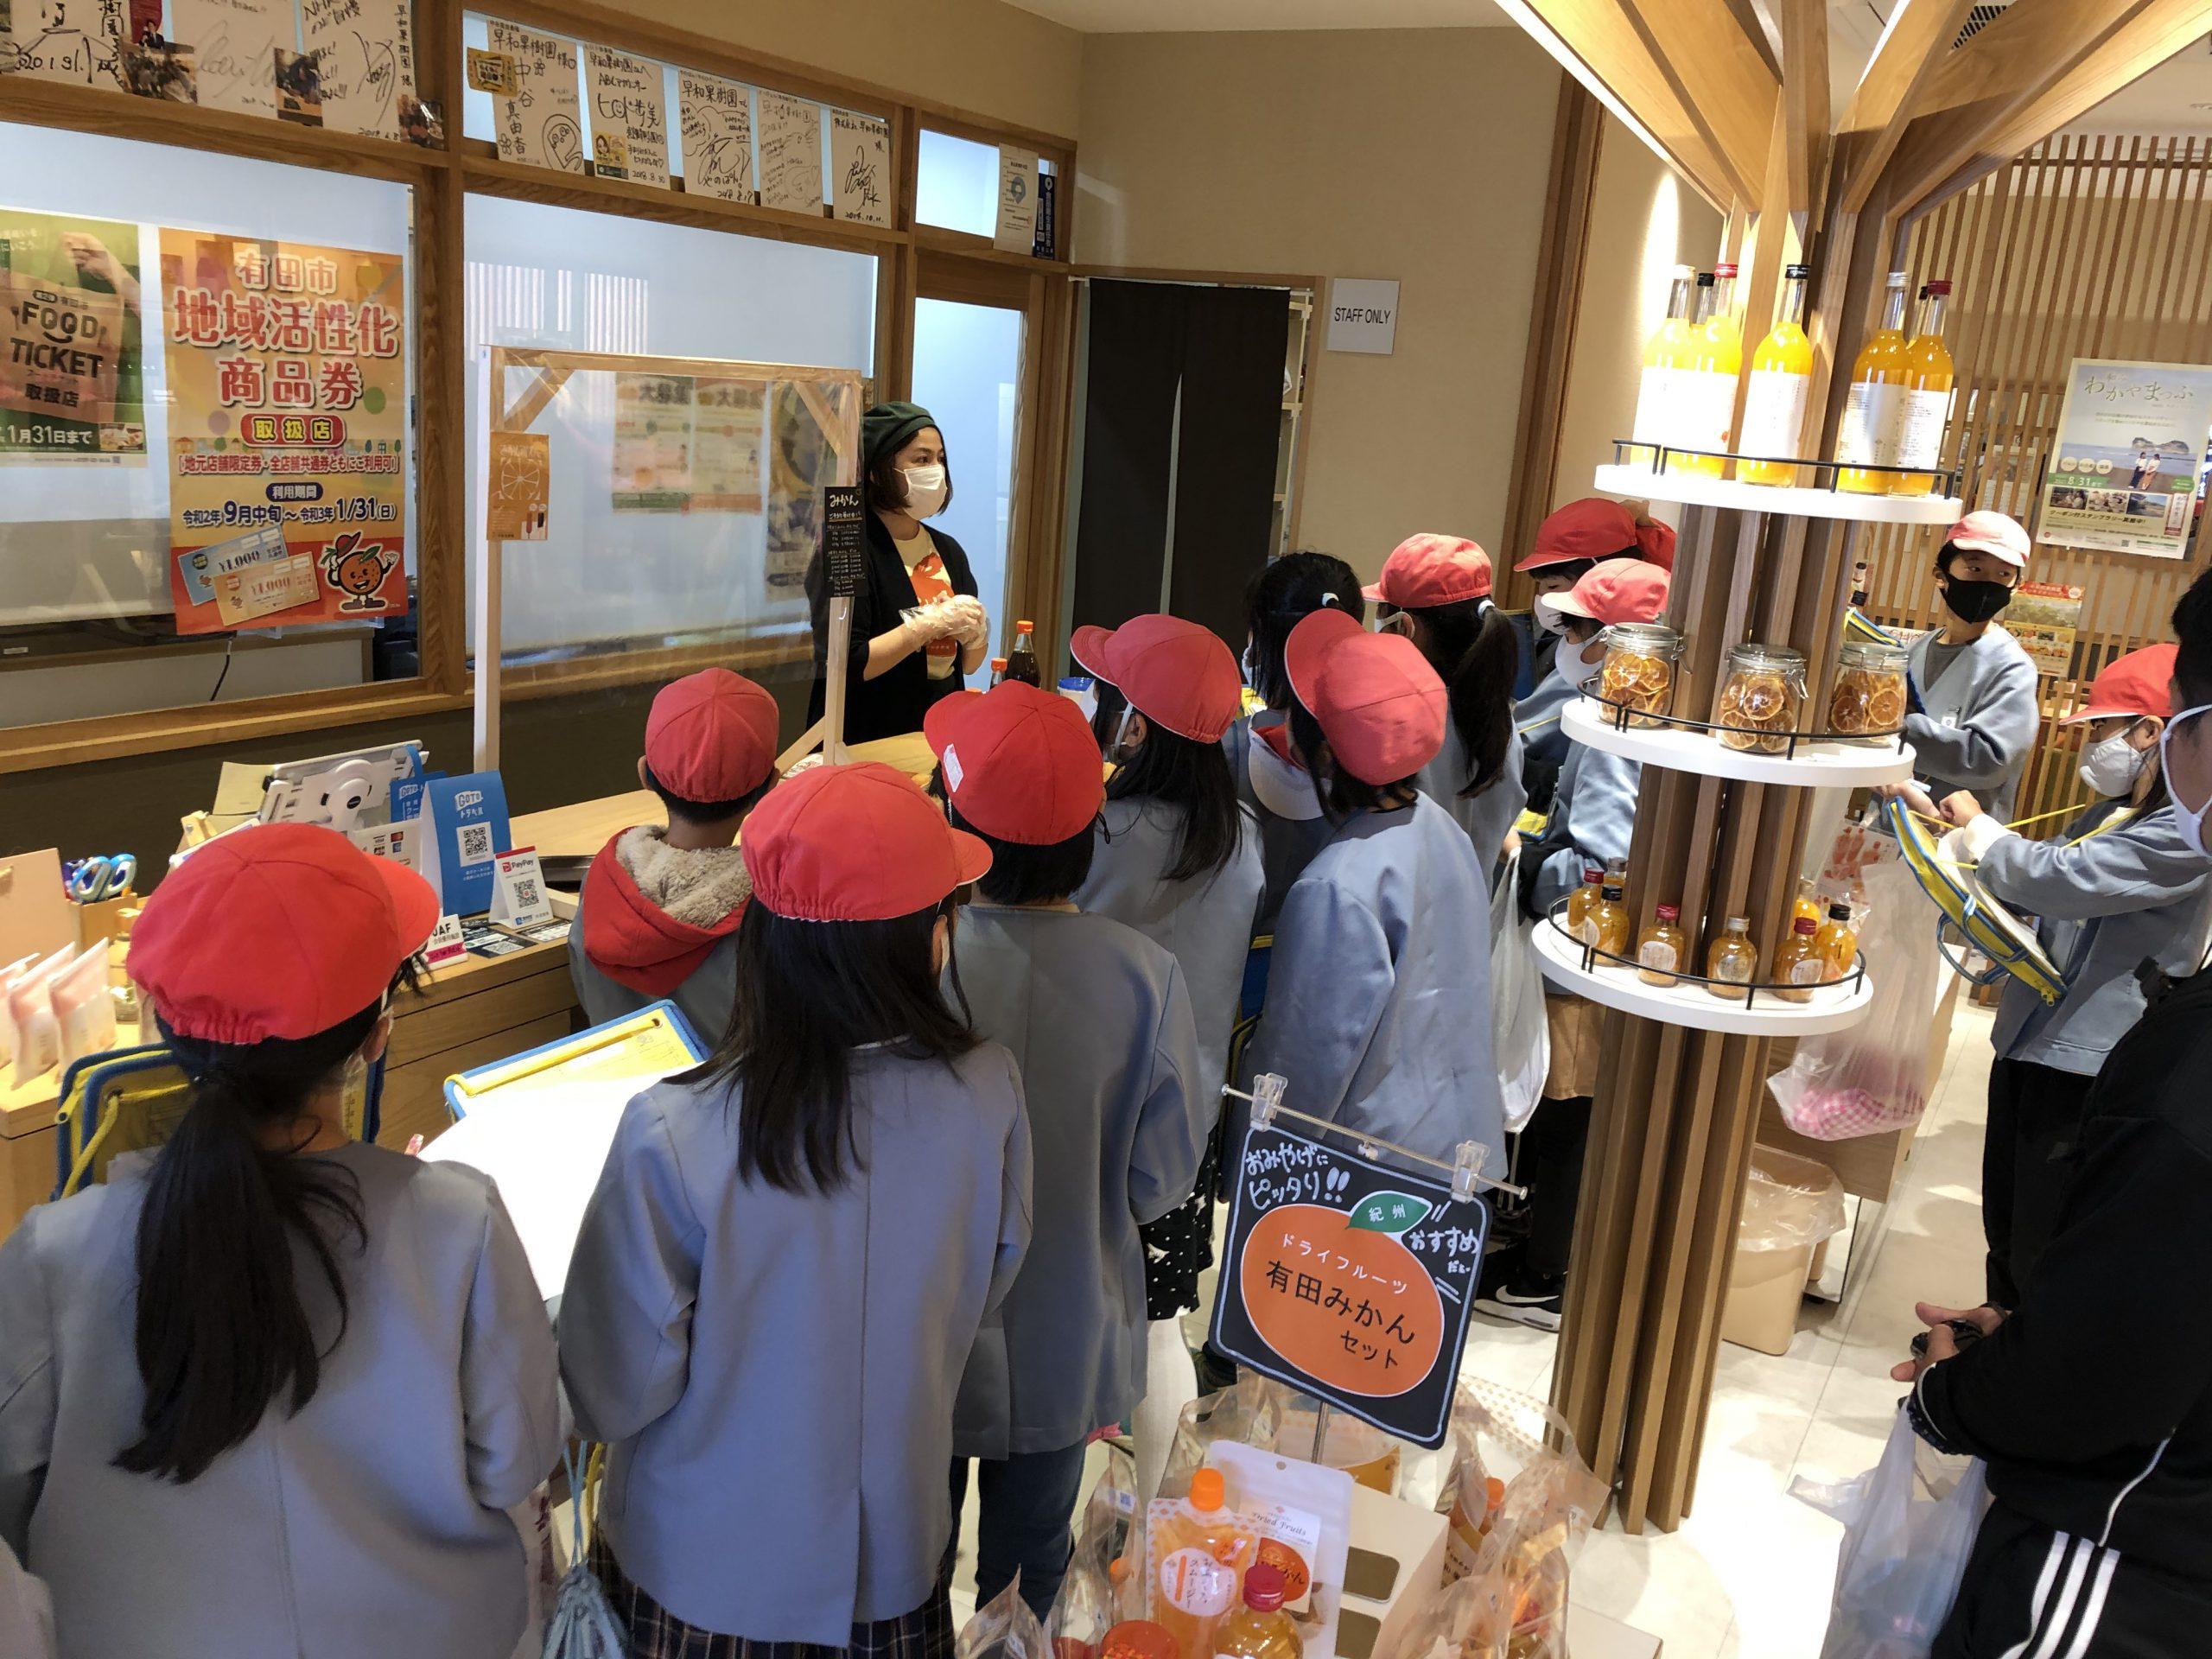 ショップ内で、スタッフに商品についての質問をする生徒さんたち。